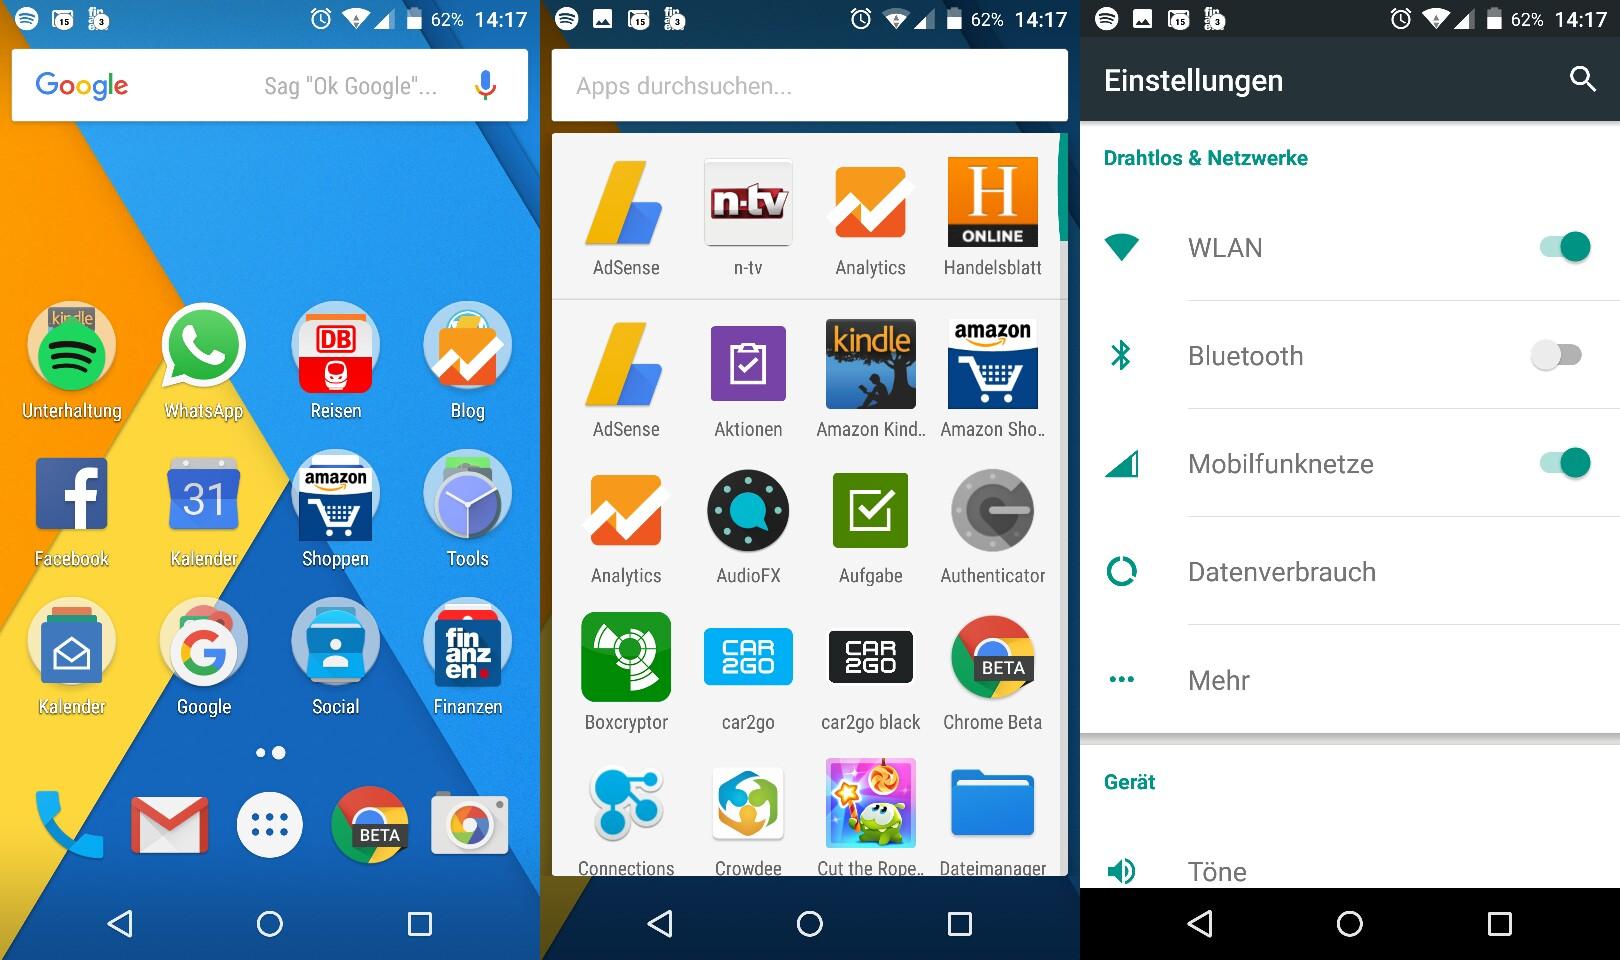 Android-Screenshots zu einem Bild zusammenfügen